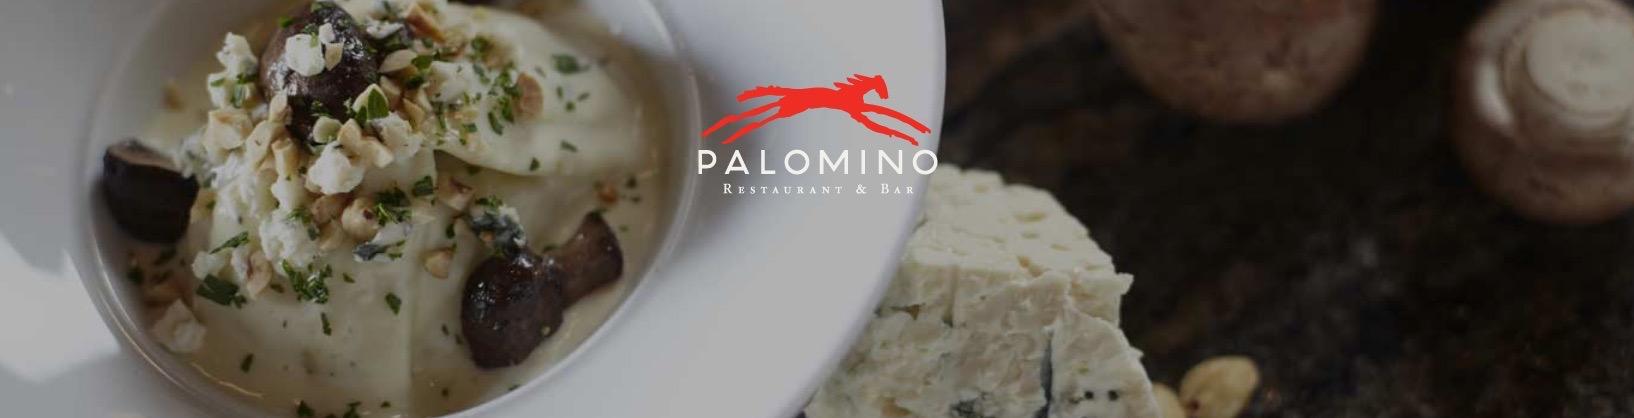 Palomino_Restaurant___Bar__Rustic_European_Menu.jpg